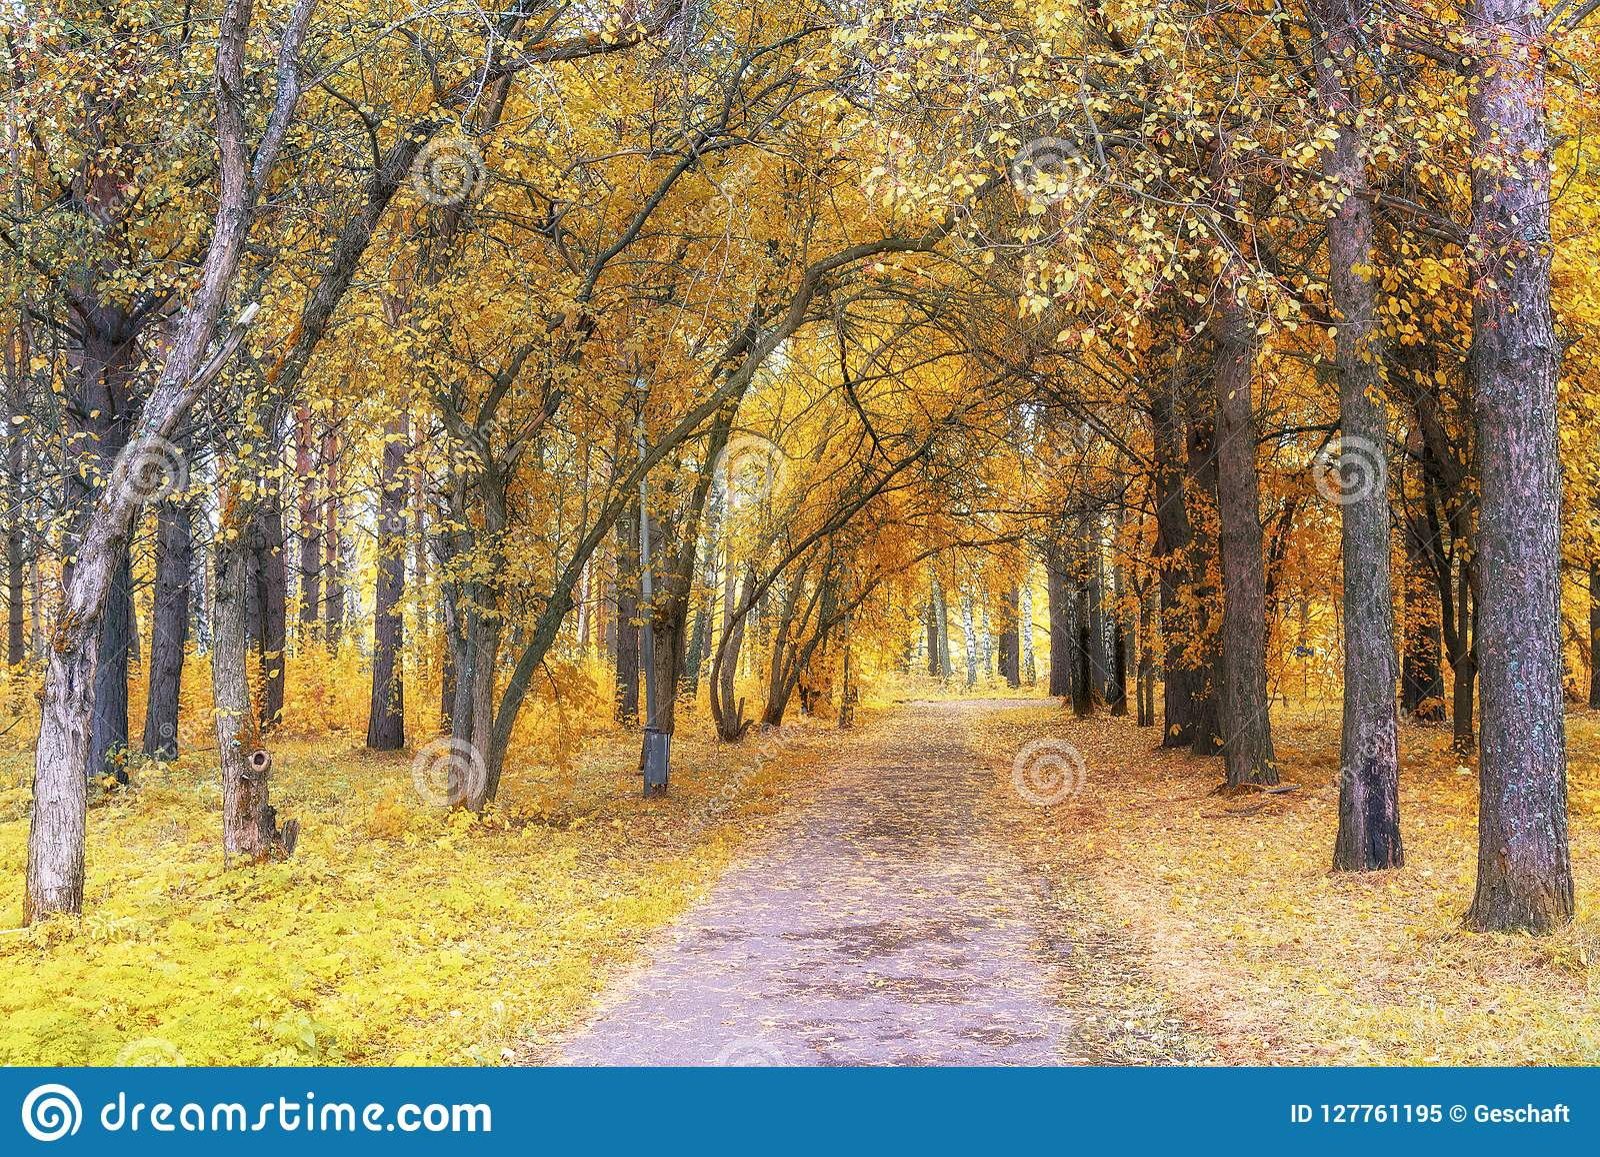 Gehweg-Weg durch schönen Fall-Wald im Park